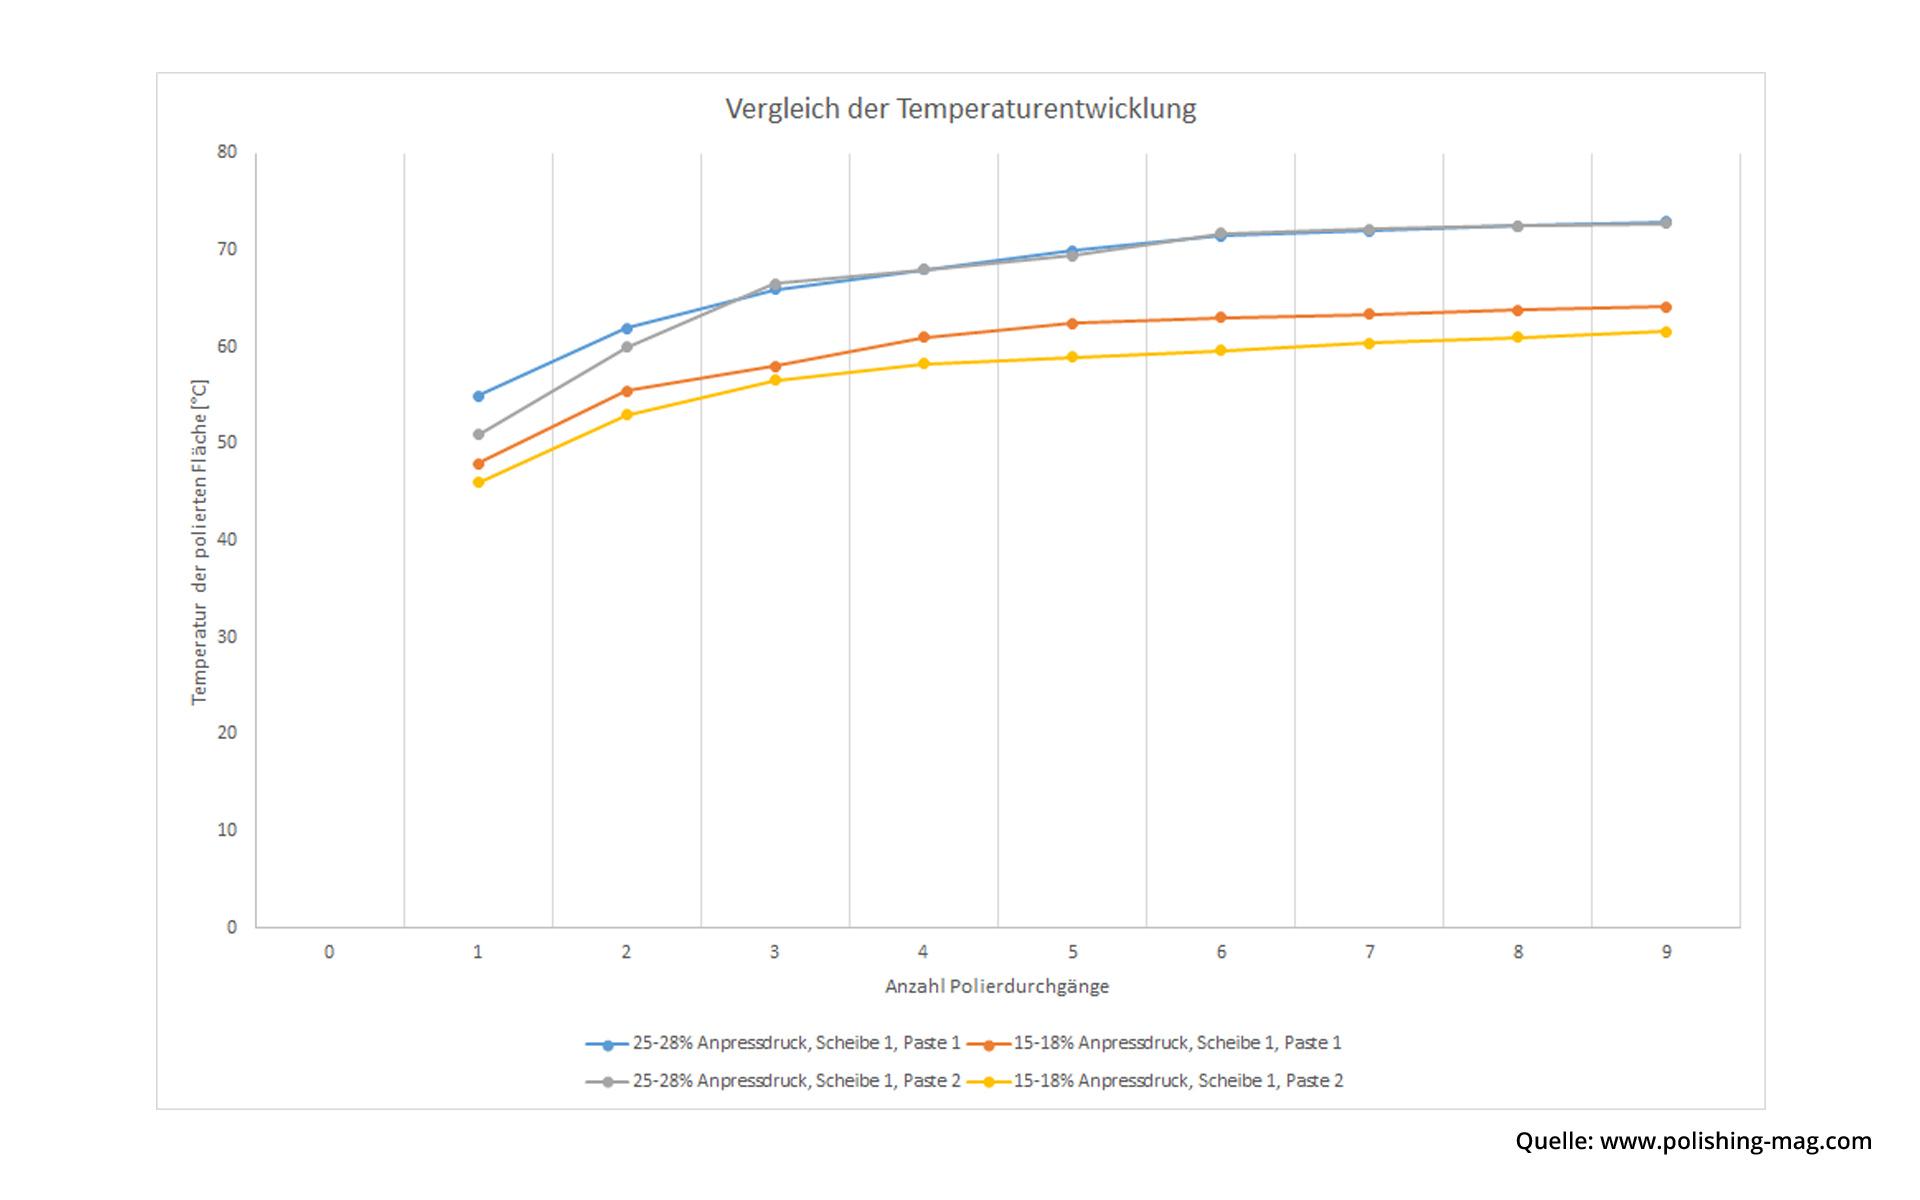 Die Grafik vergleicht die Temperaturentwicklung verschiedener Polierpasten bei gleichen Bedingungen.